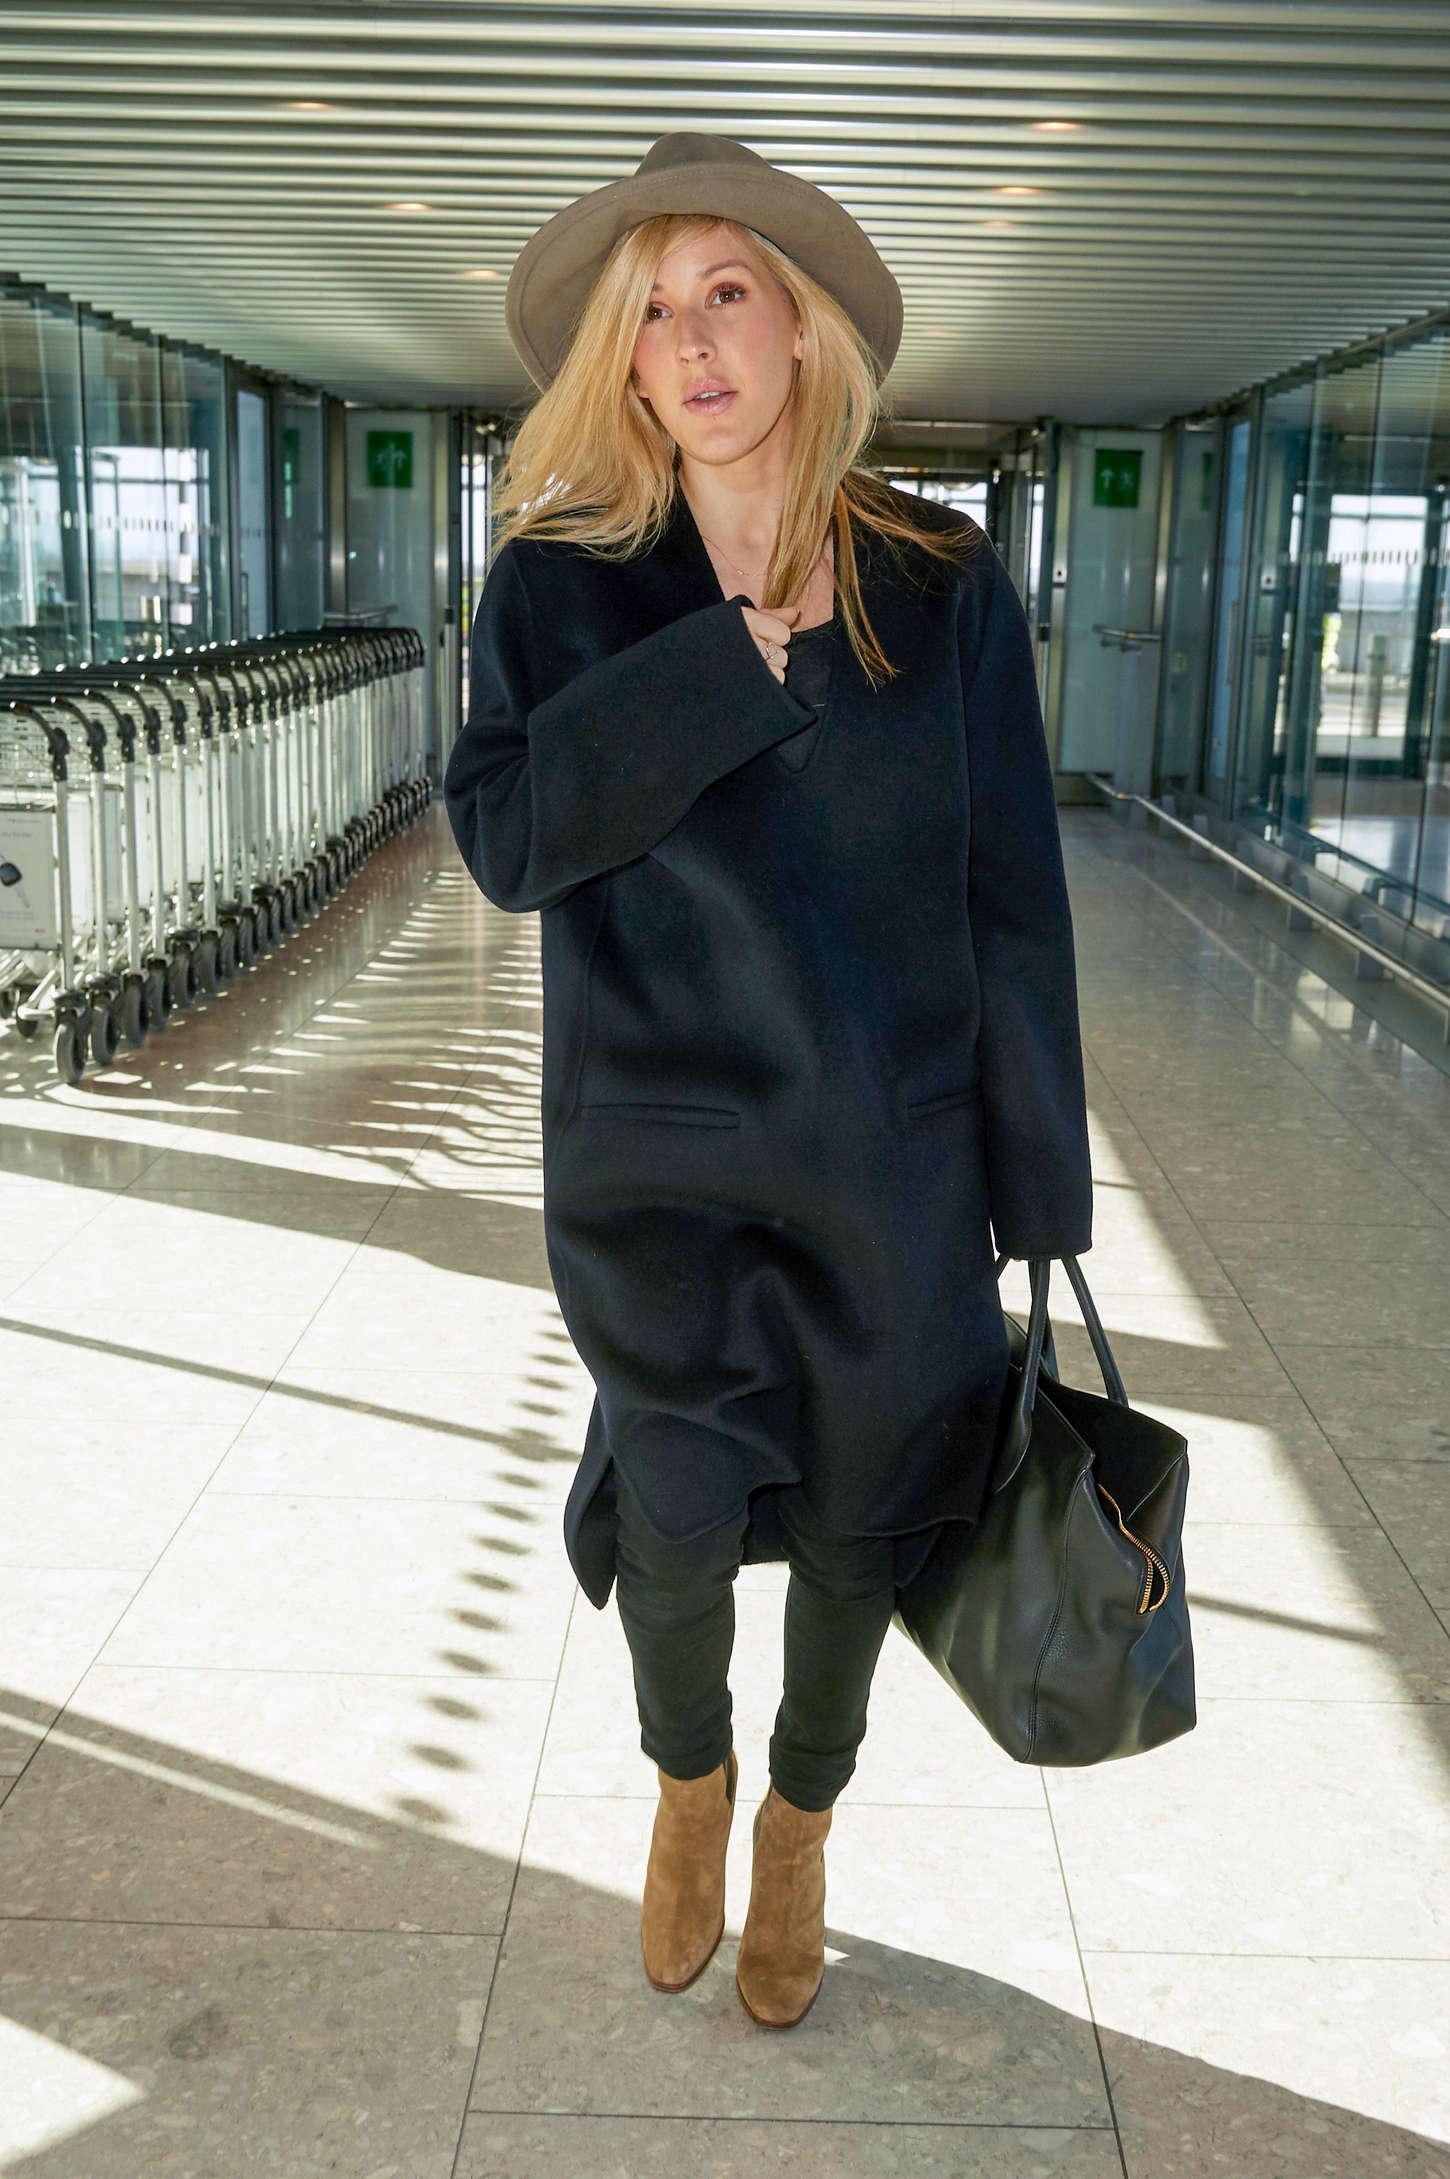 Ellie Goulding at Heathrow airport in London